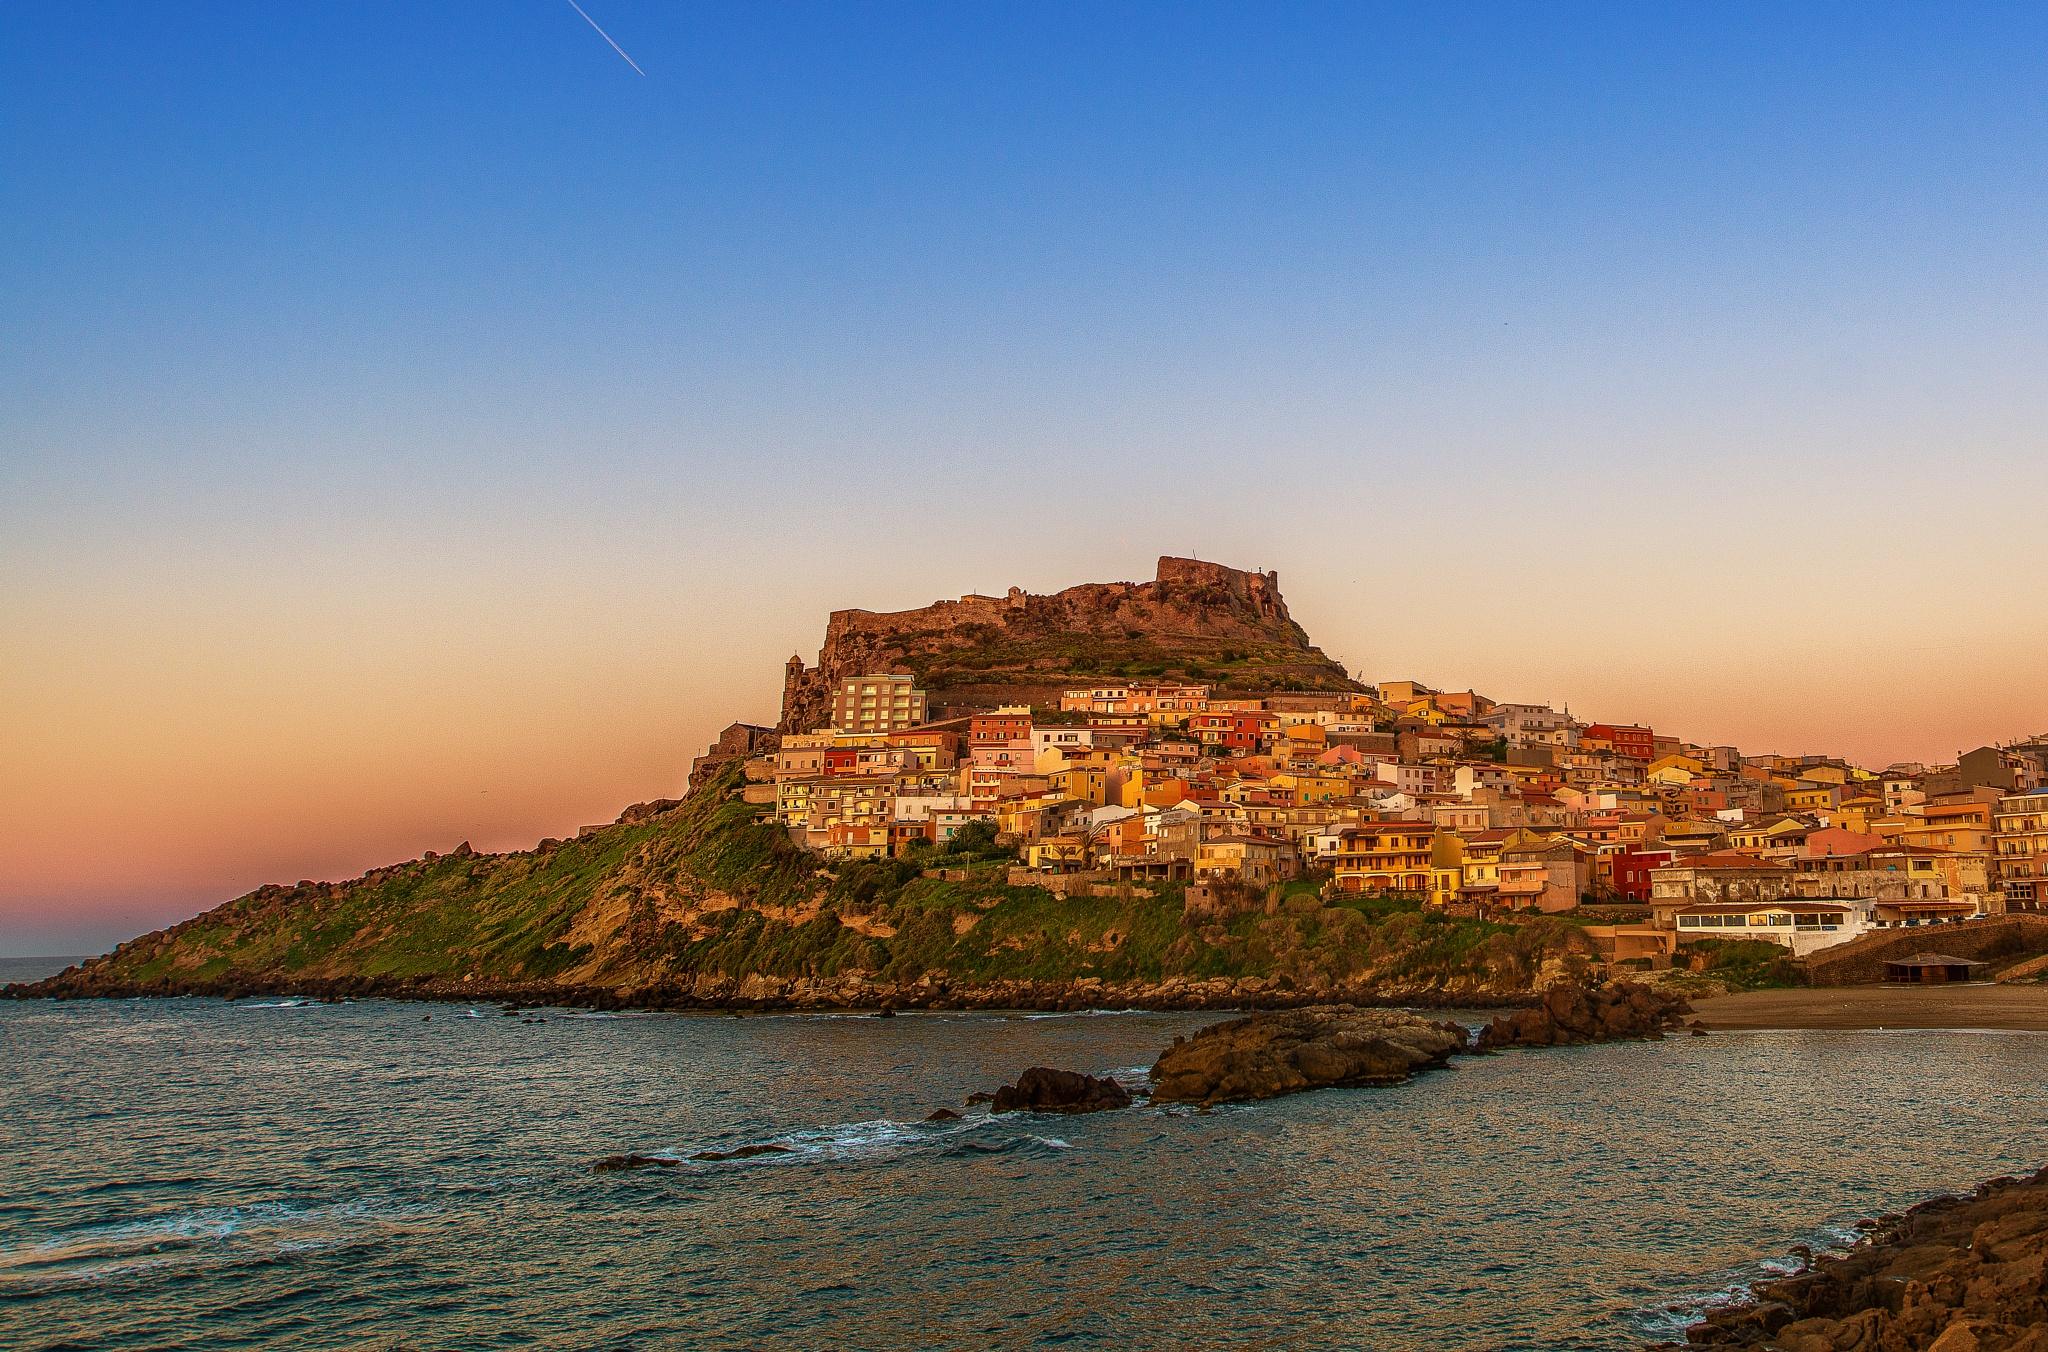 Castelsardo sunset by Antonello Madau Antofender